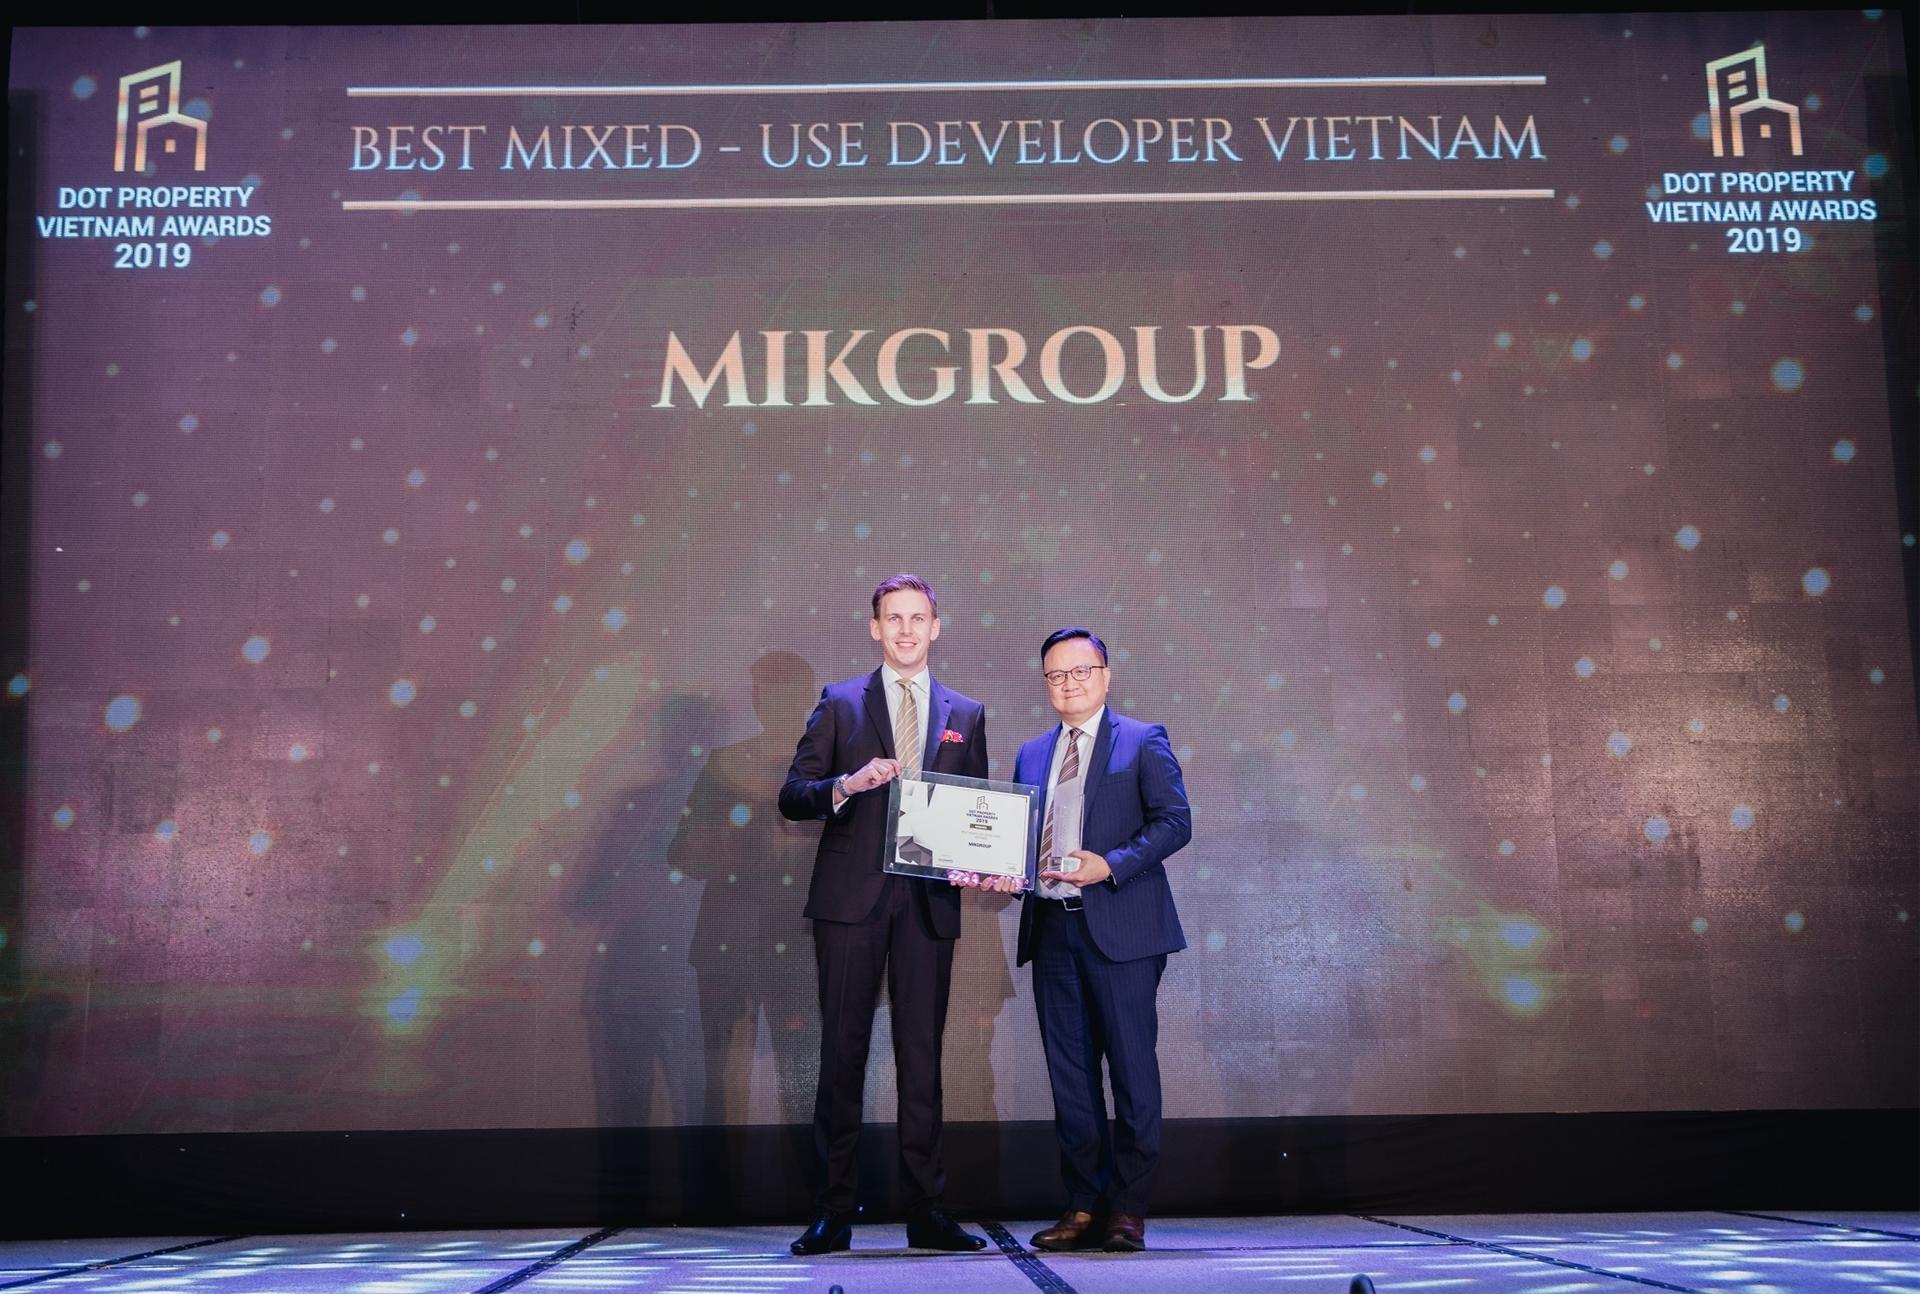 MIKGroup 3 lần được vinh danh tại Dot Property Vietnam Awards 2019